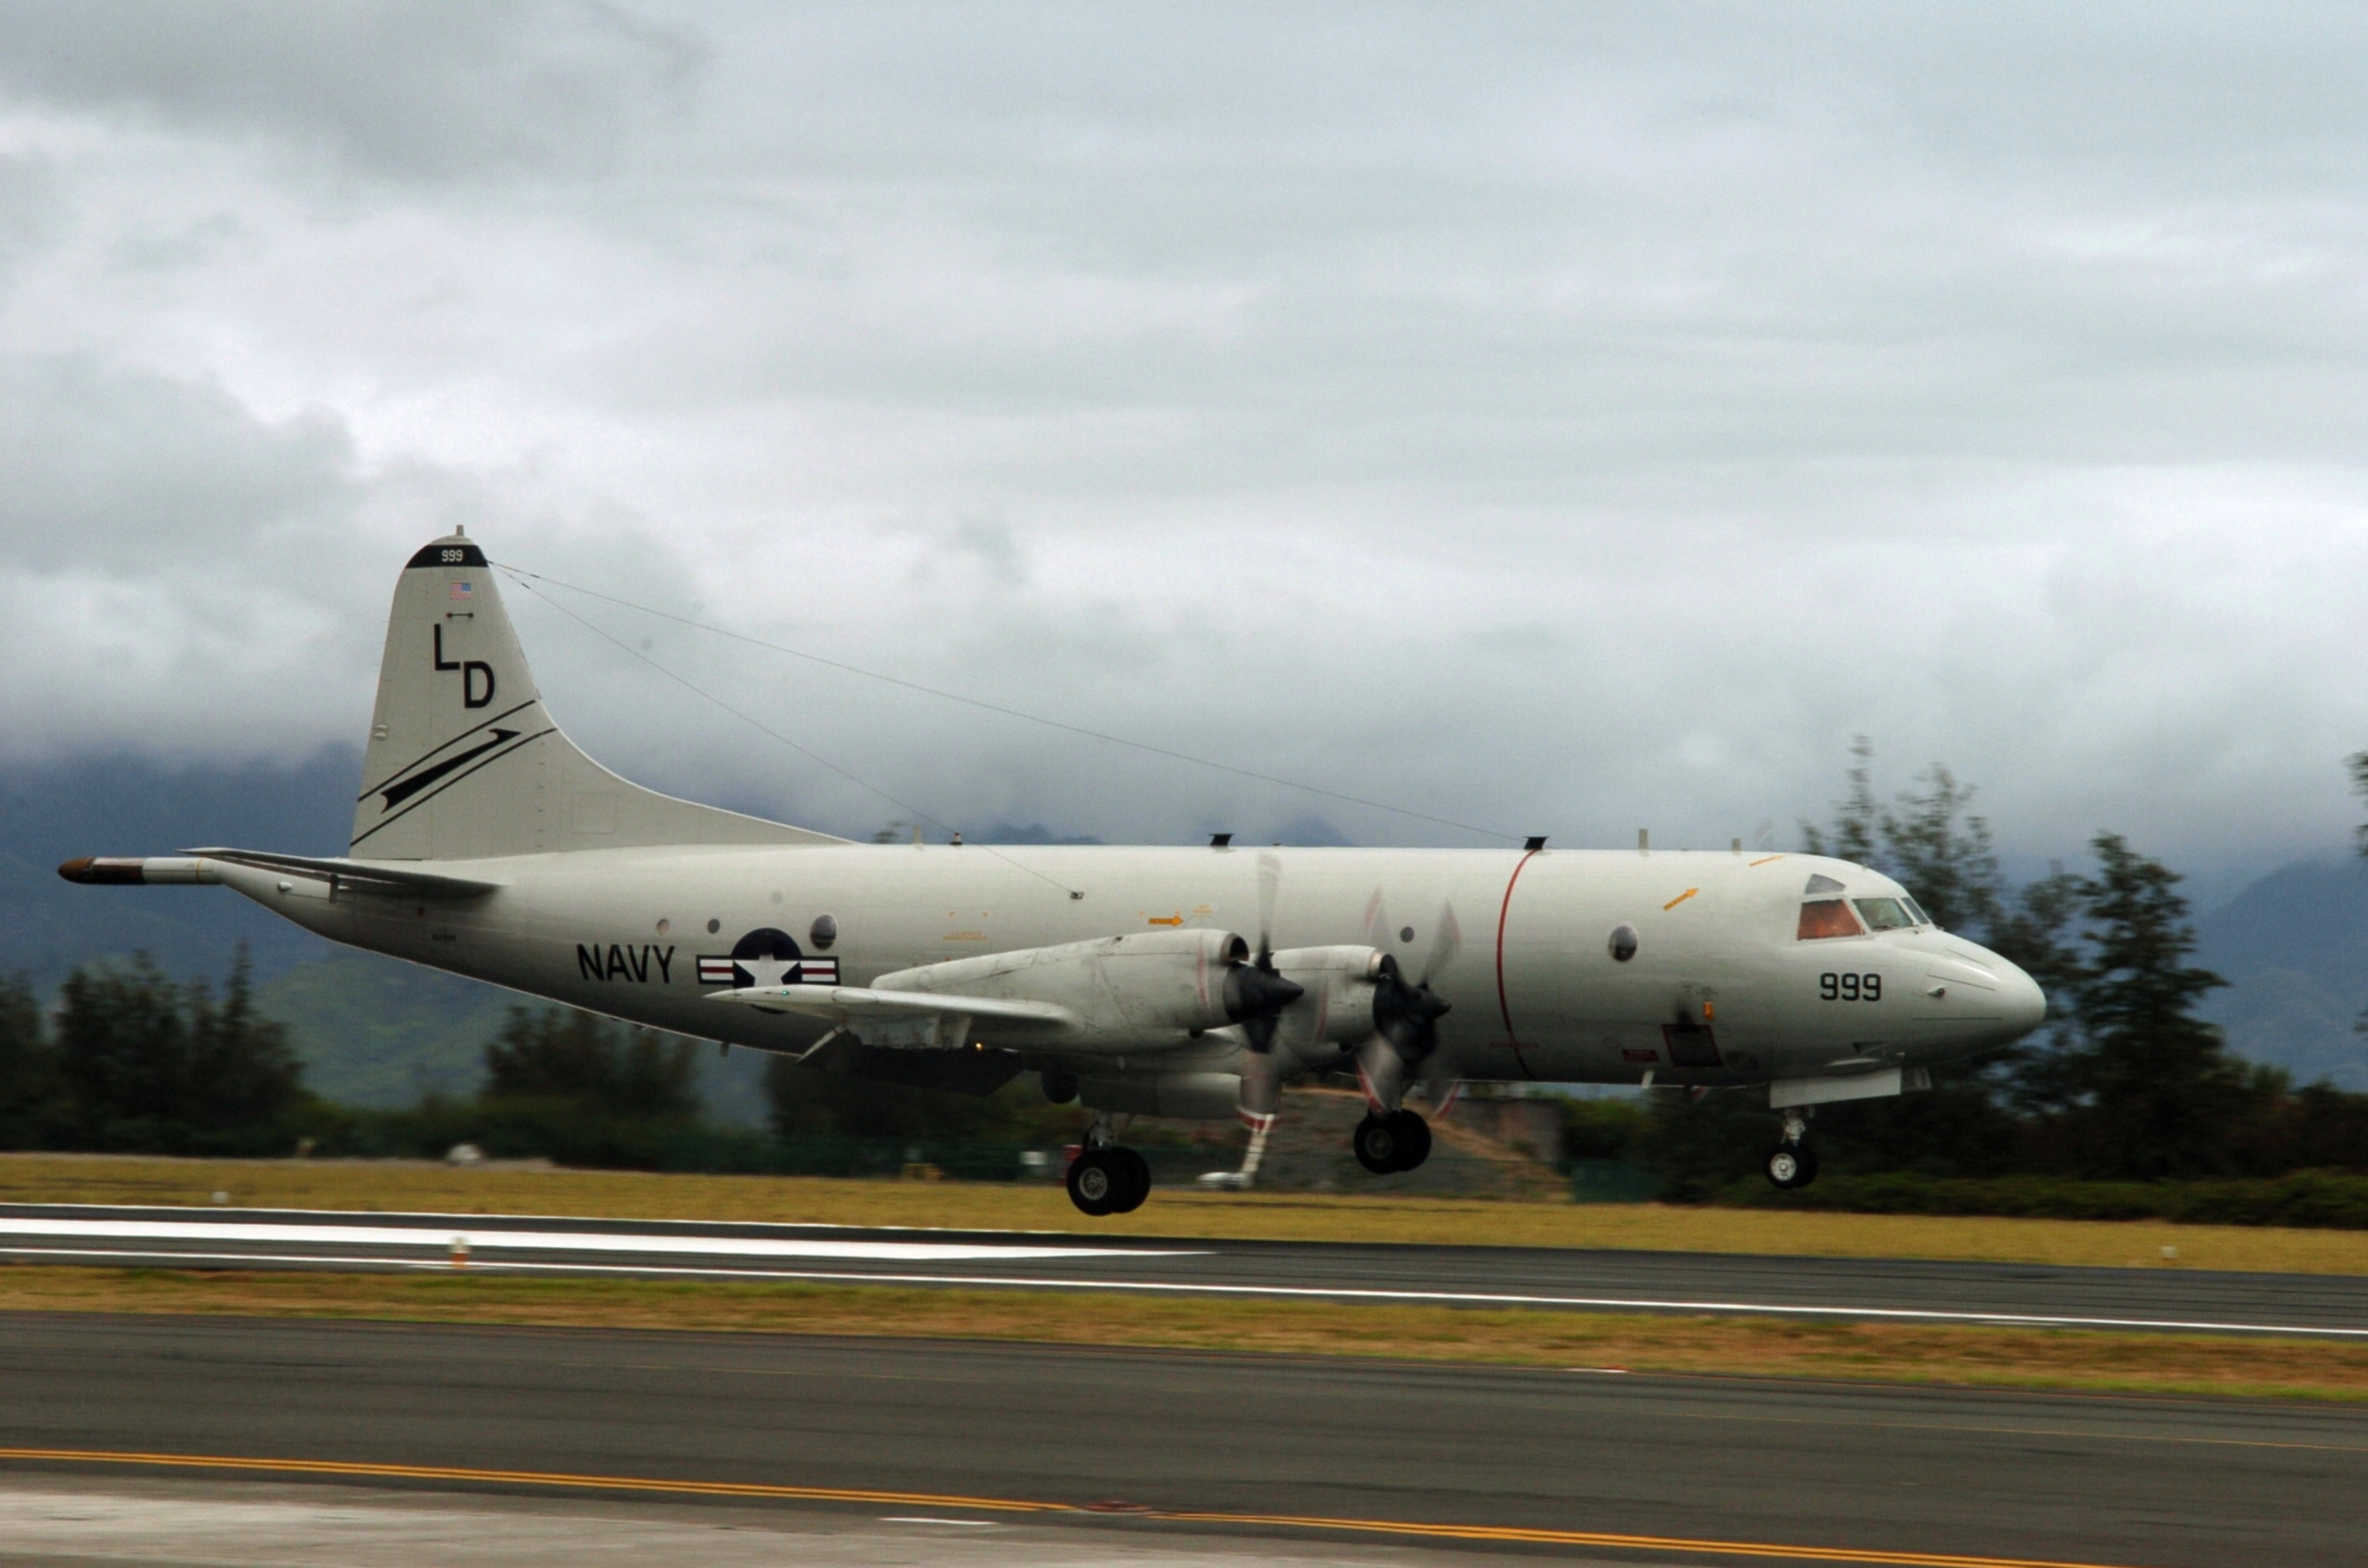 File:P-3C VP-8 landing at MCAS Kaneohe Bay 2006.jpg ...